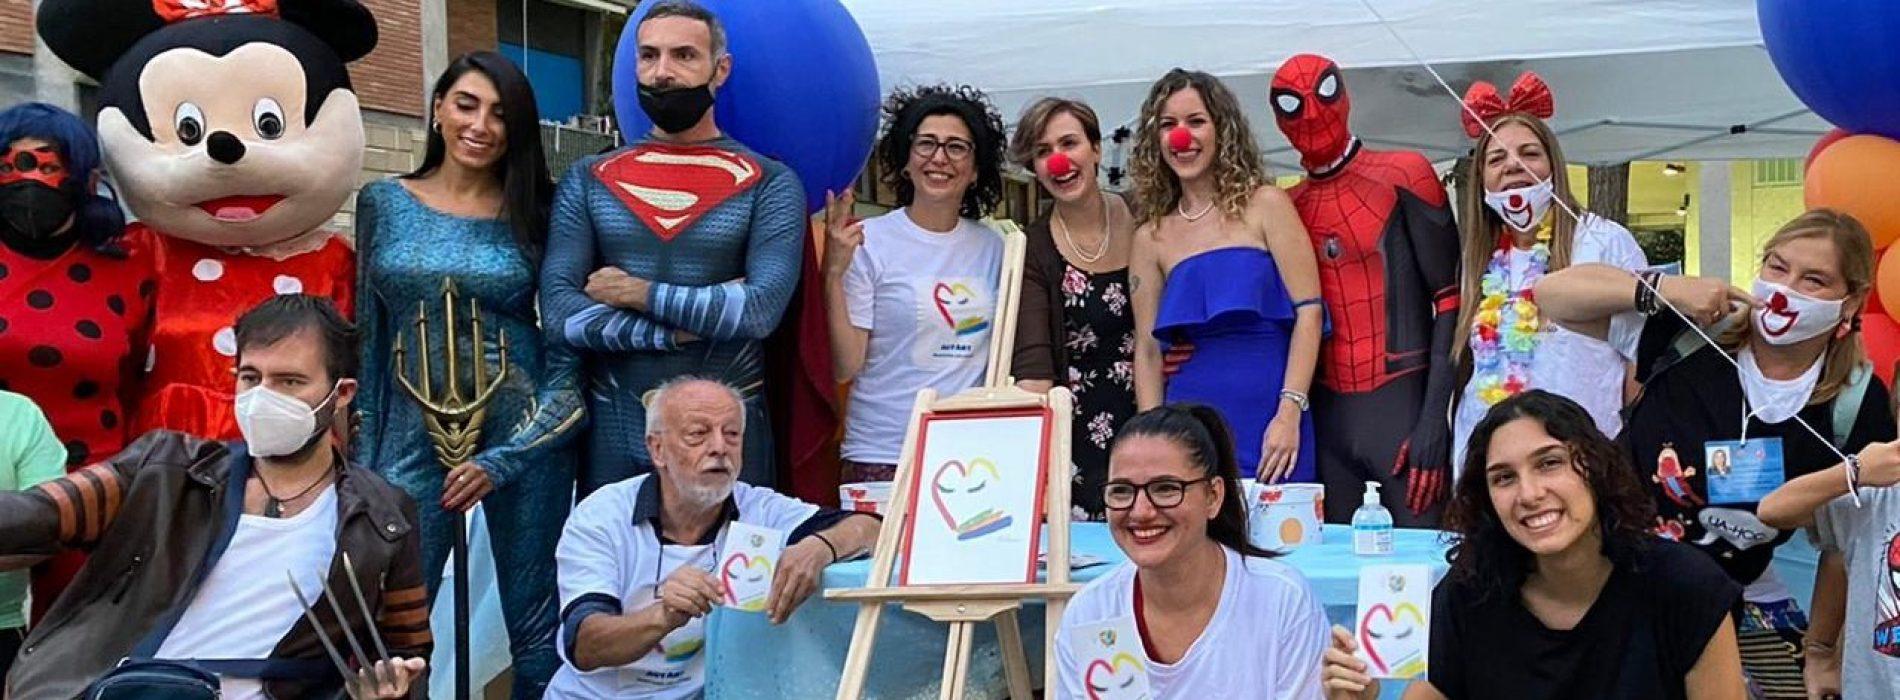 Autart e #SonoSalvo, piazza Ruggiero si colora di solidarietà